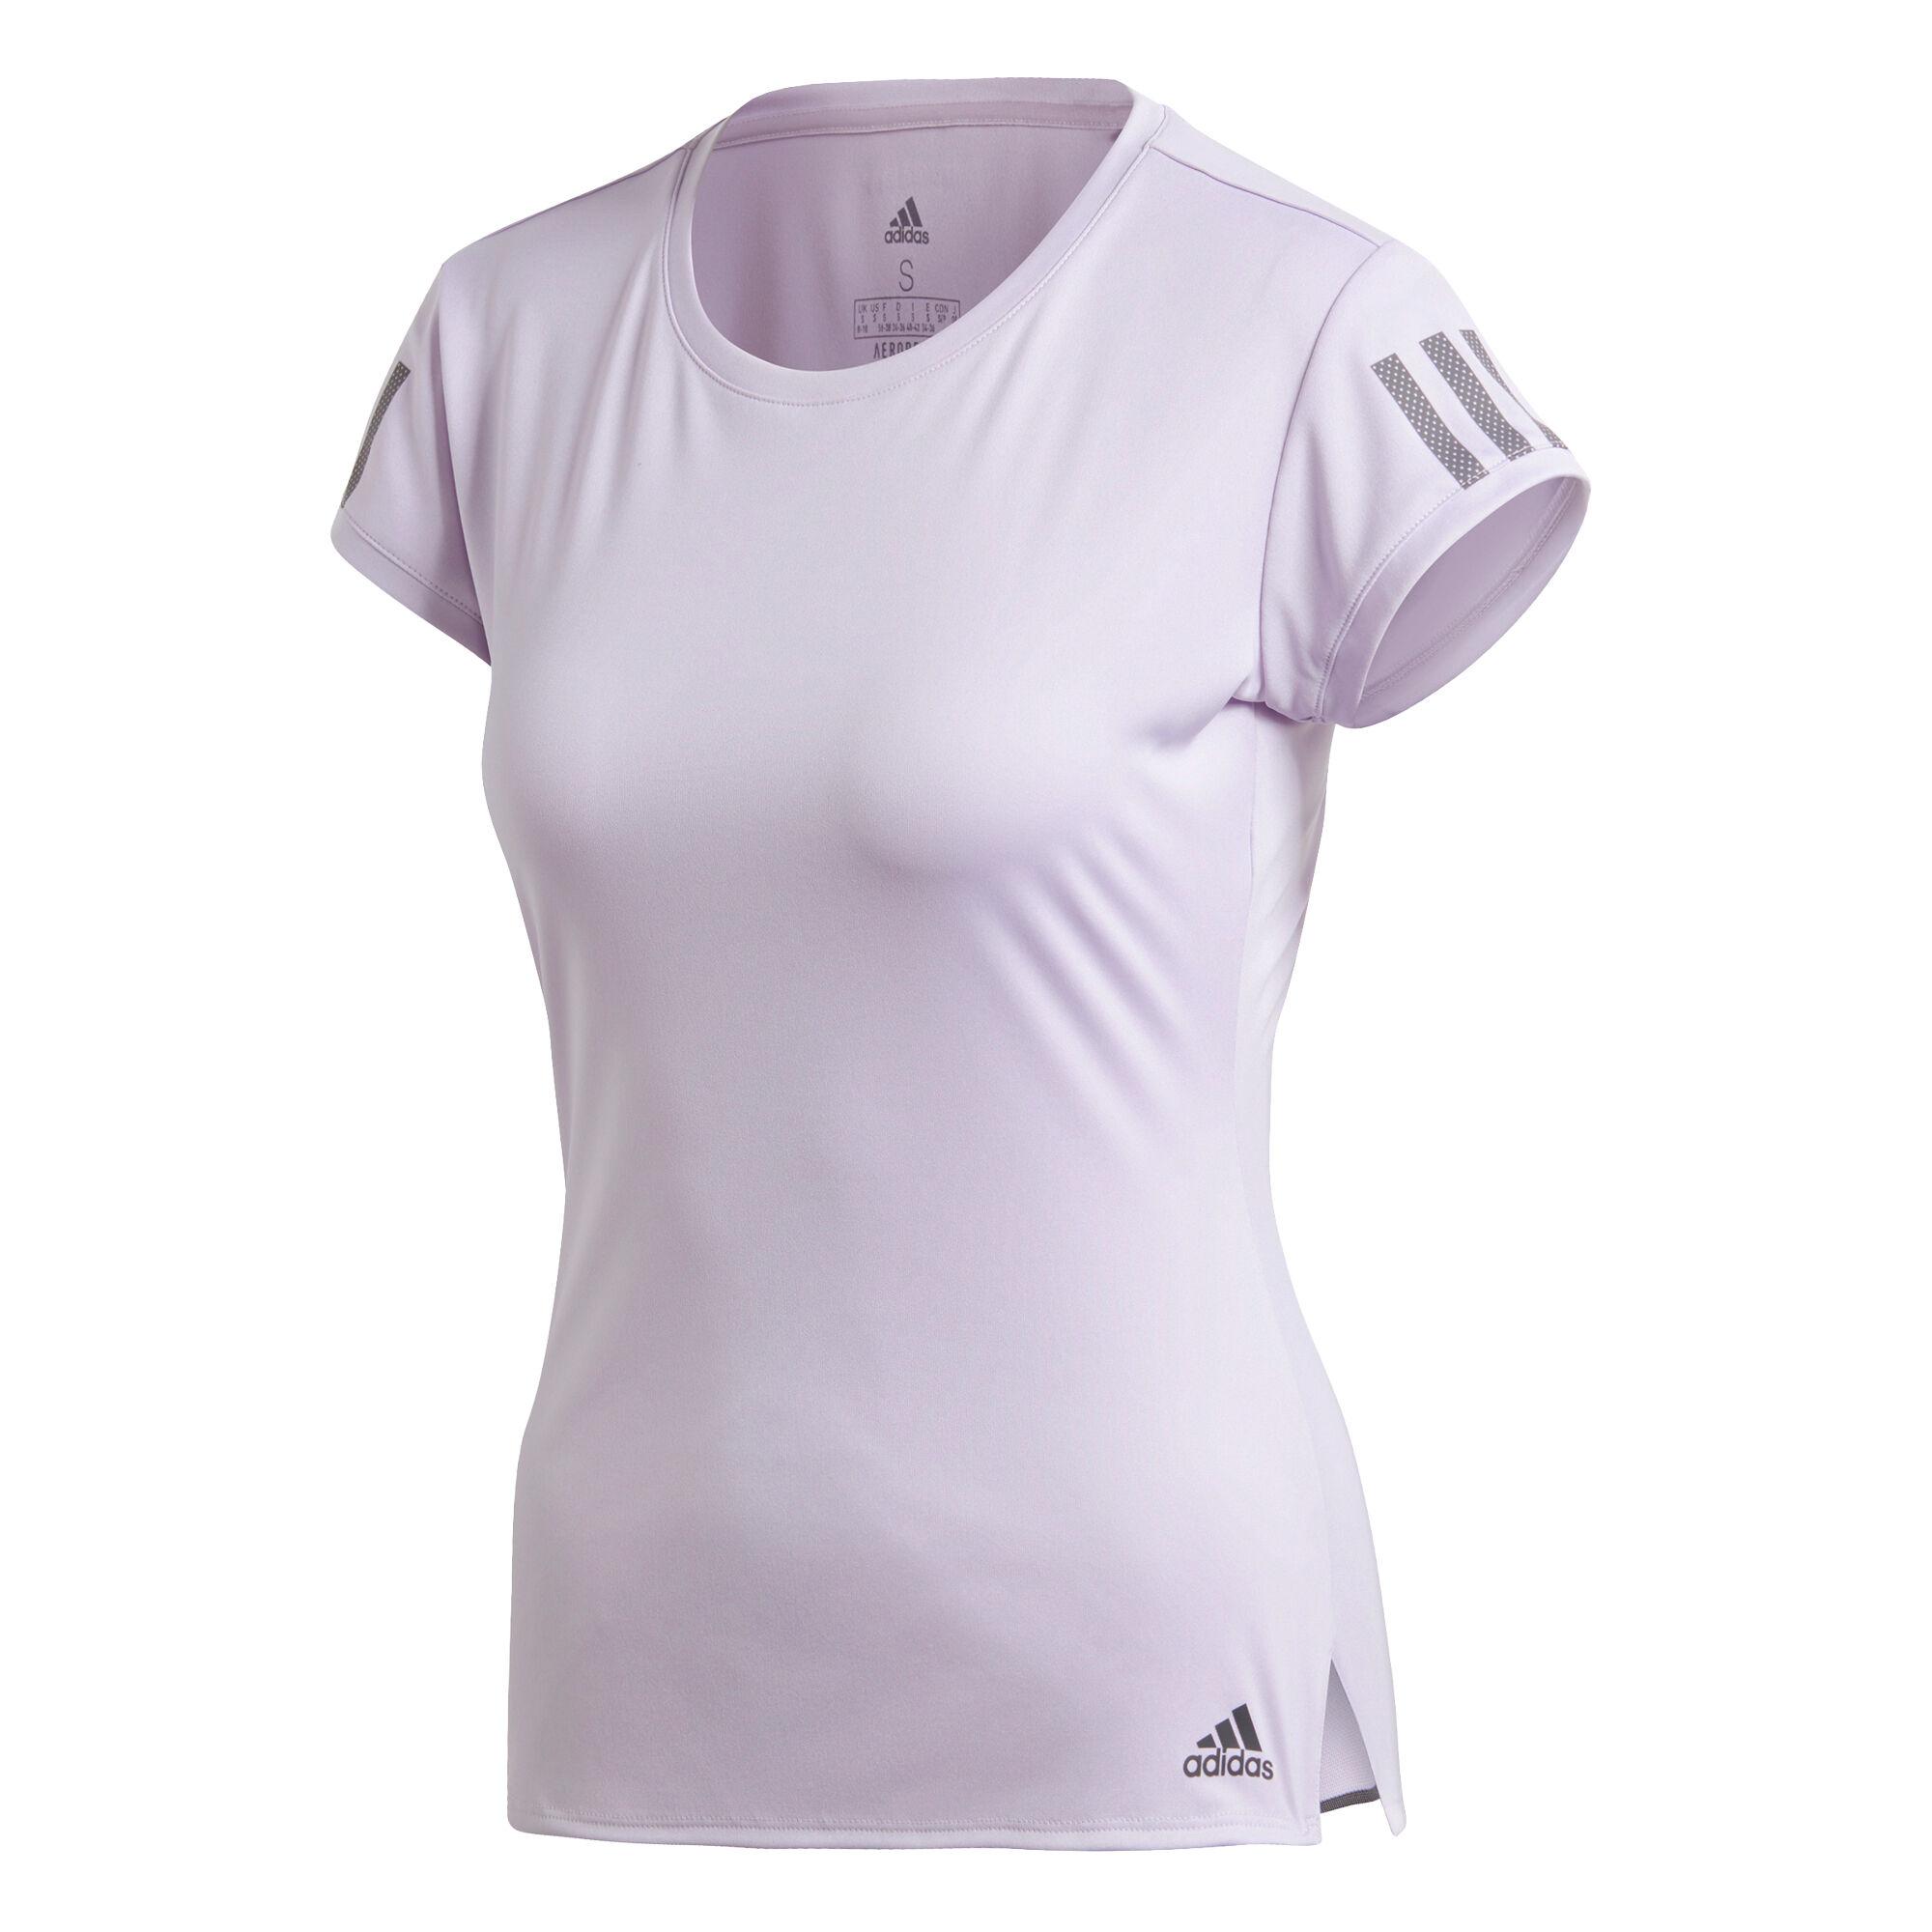 adidas Club 3 Stripes T Shirt Damen Flieder, Grau online